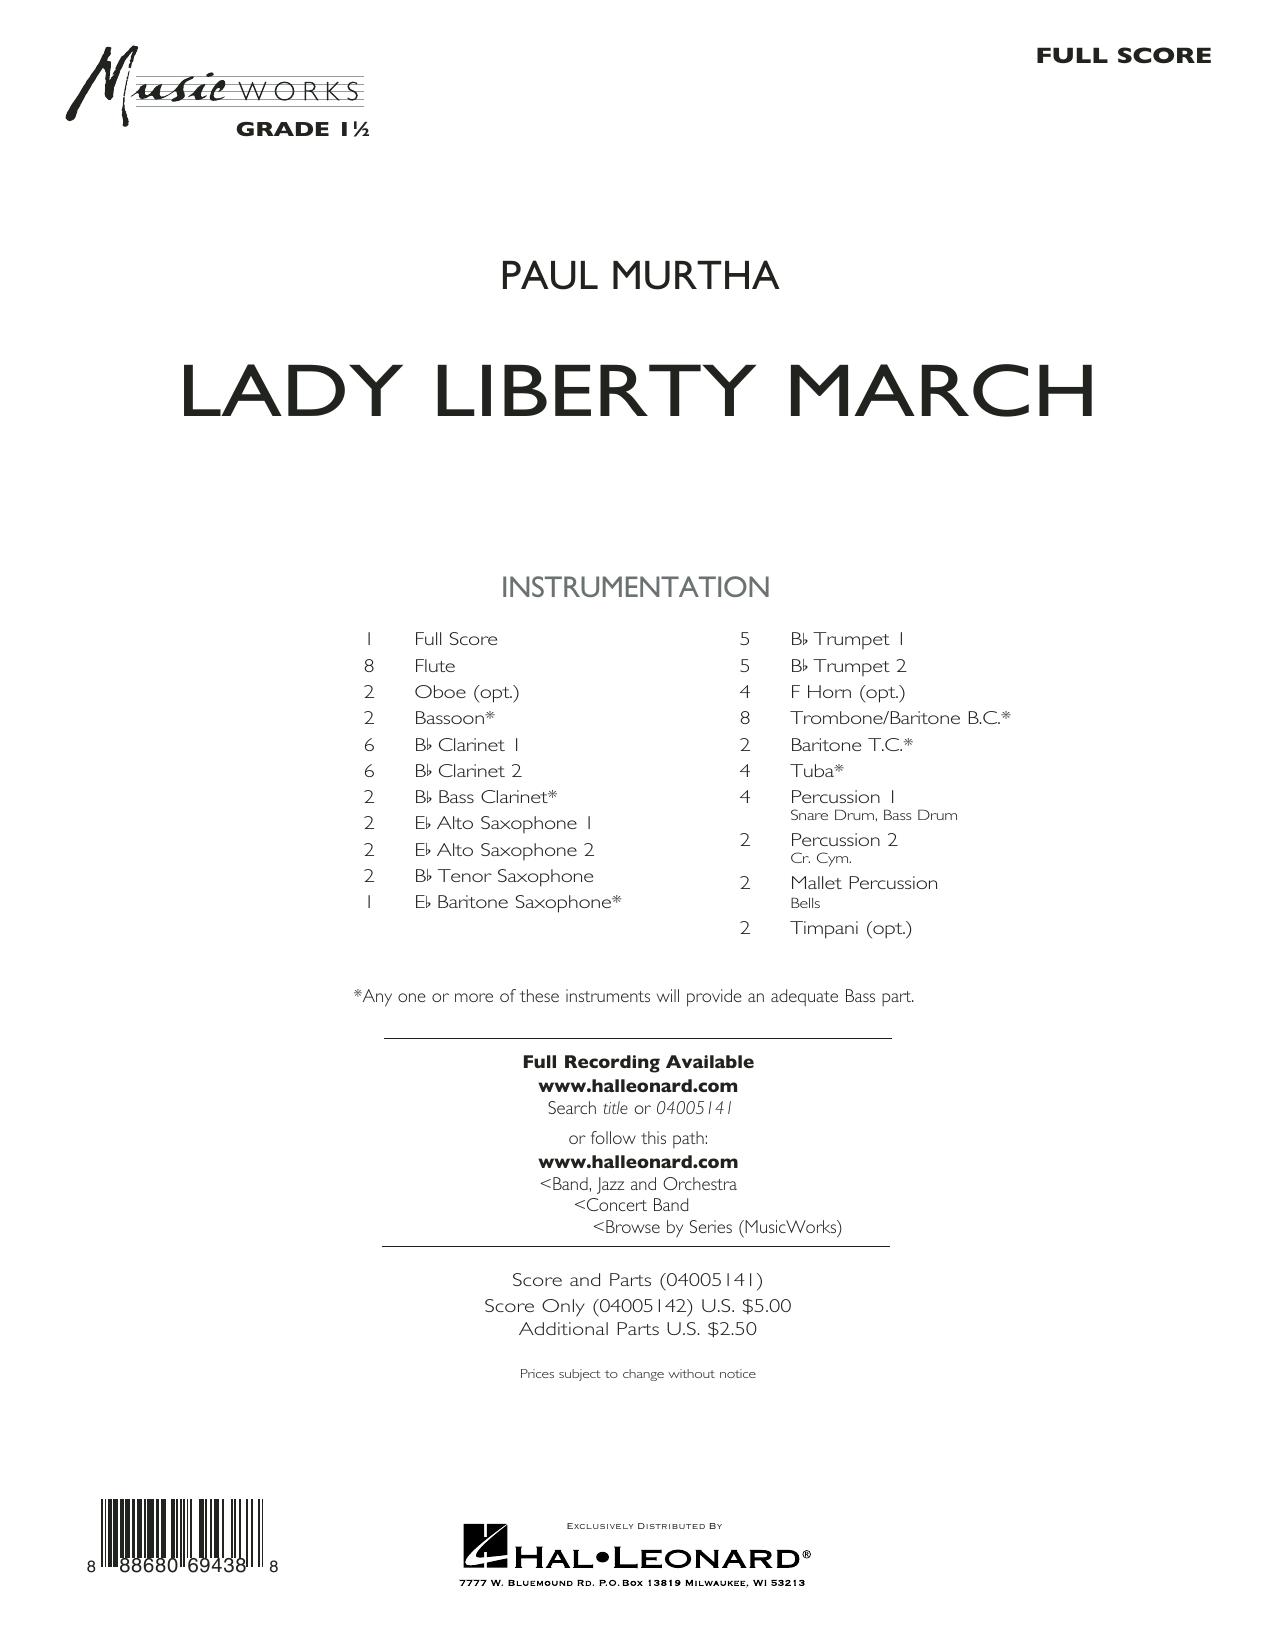 Lady Liberty March - Conductor Score (Full Score) Sheet Music